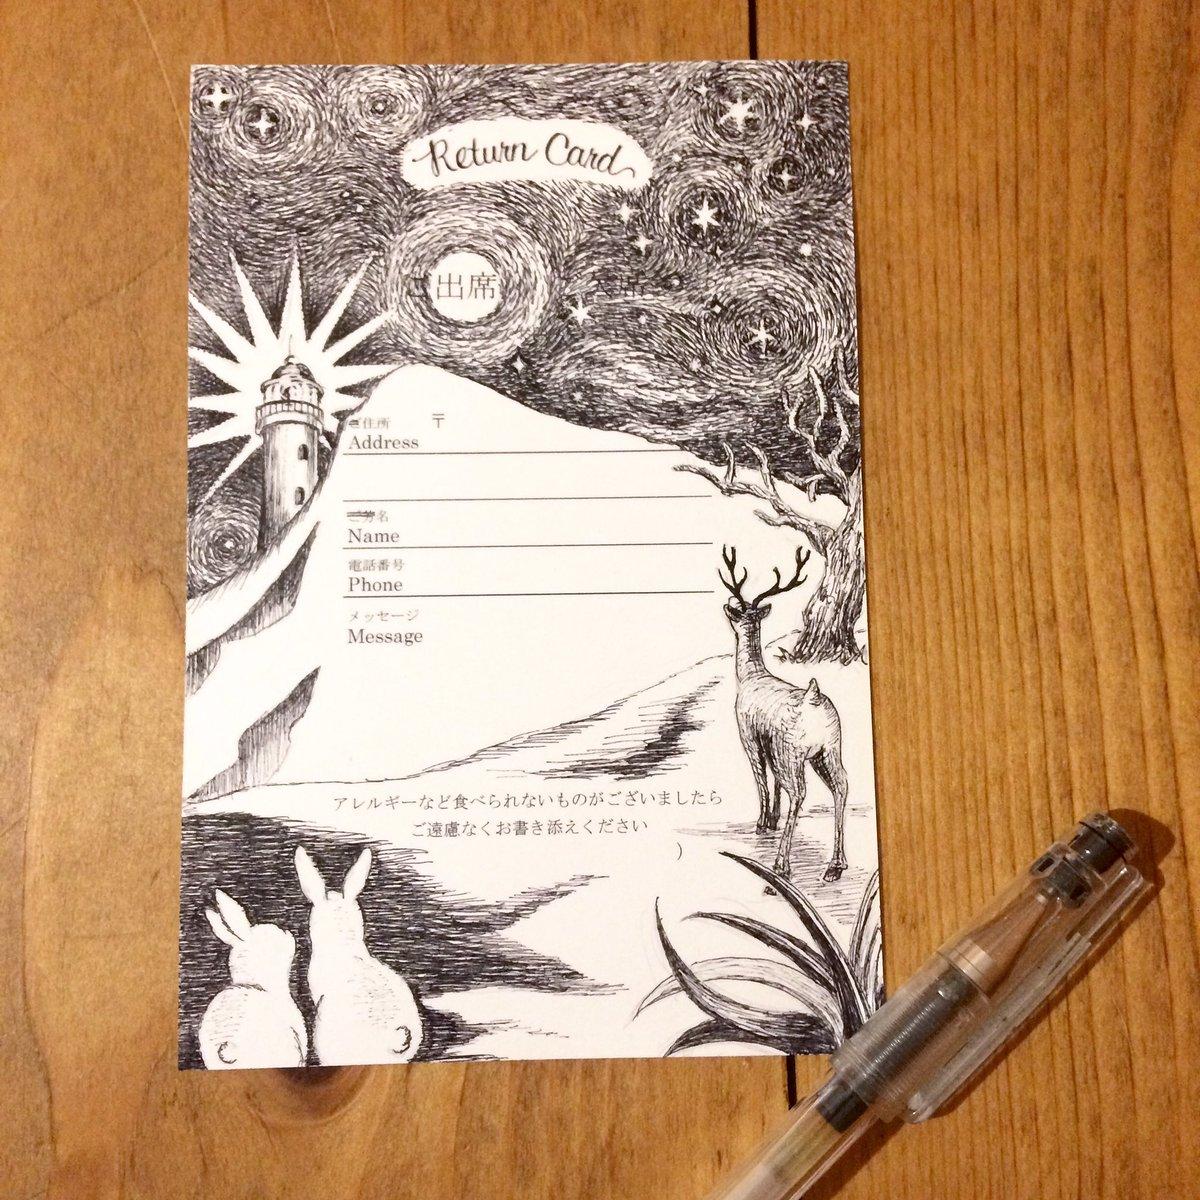 Akiiko En Twitter いやぁ 今回も頑張りました 友人の結婚式の招待状の返信なんですが 七夕に入籍したと言うことで星空をイメージした イラストにしてみました 久しぶりに絵を描いてて 楽しかったけど 手が疲れたぜe 結婚式招待状 招待状アート